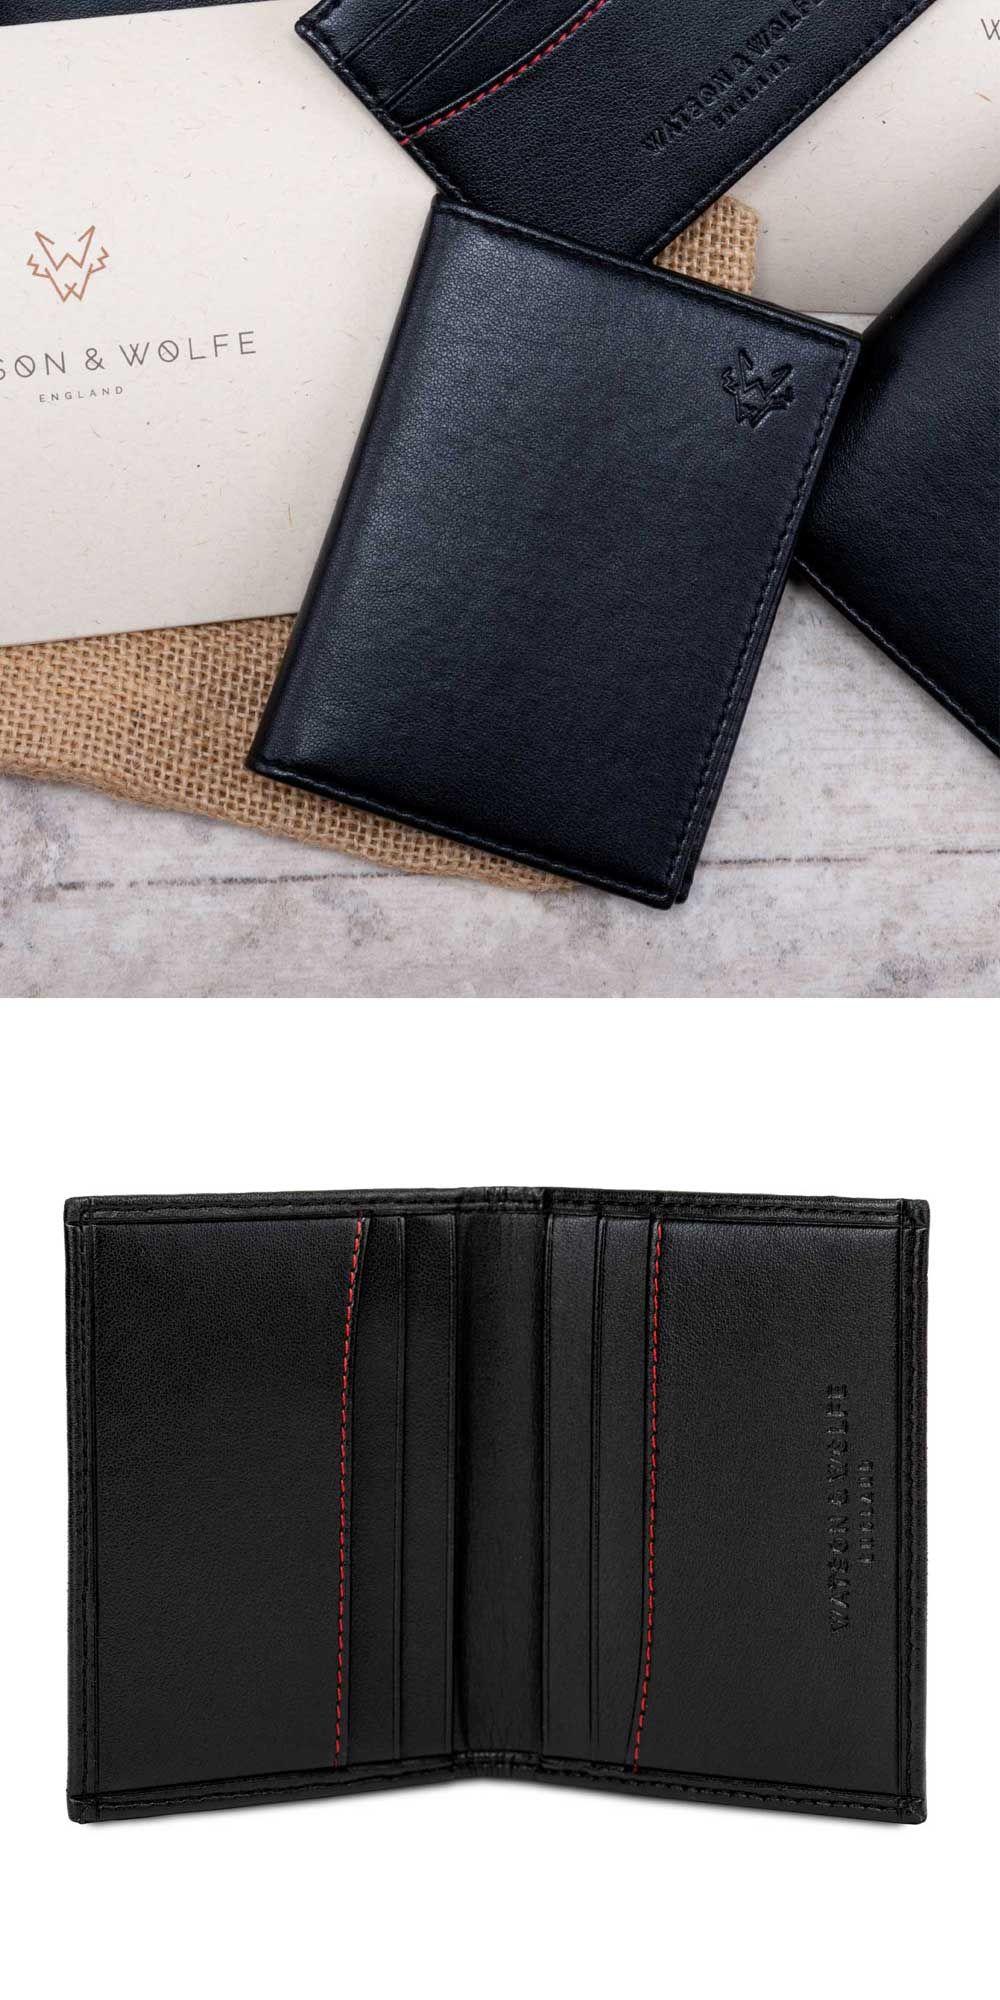 pretty nice 9ce80 49306 Folding Card Case in Black in 2019 | Watson & Wolfe | Recycle ...